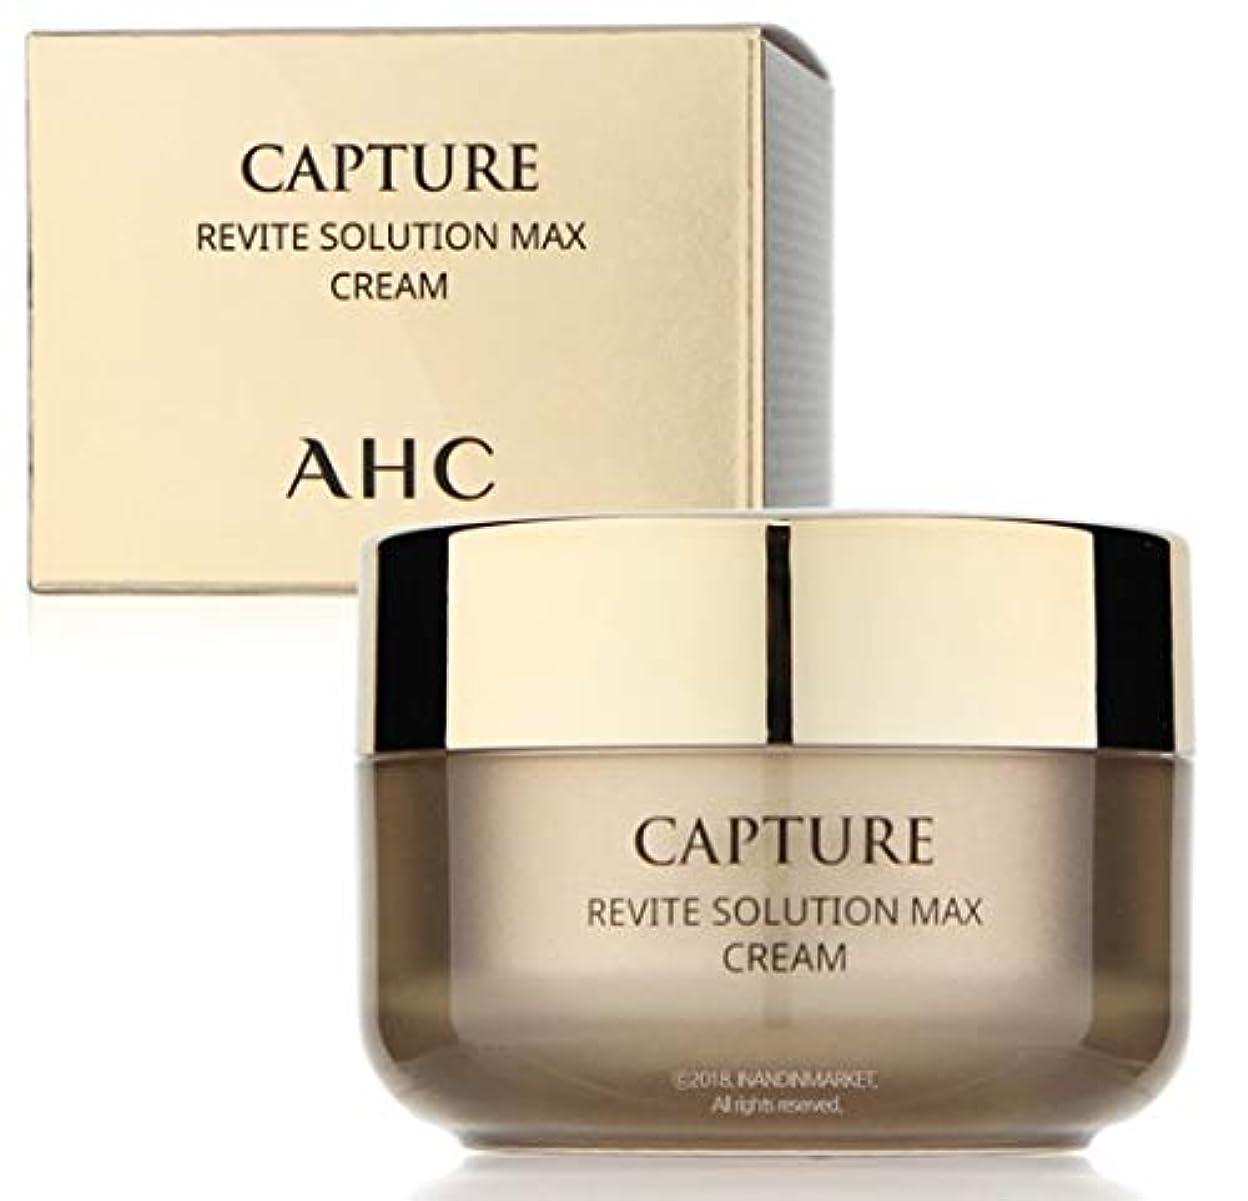 消化器血不道徳AHC Capture Revite Solution Max Cream/キャプチャー リバイト ソリューション マックス クリーム 50ml [並行輸入品]